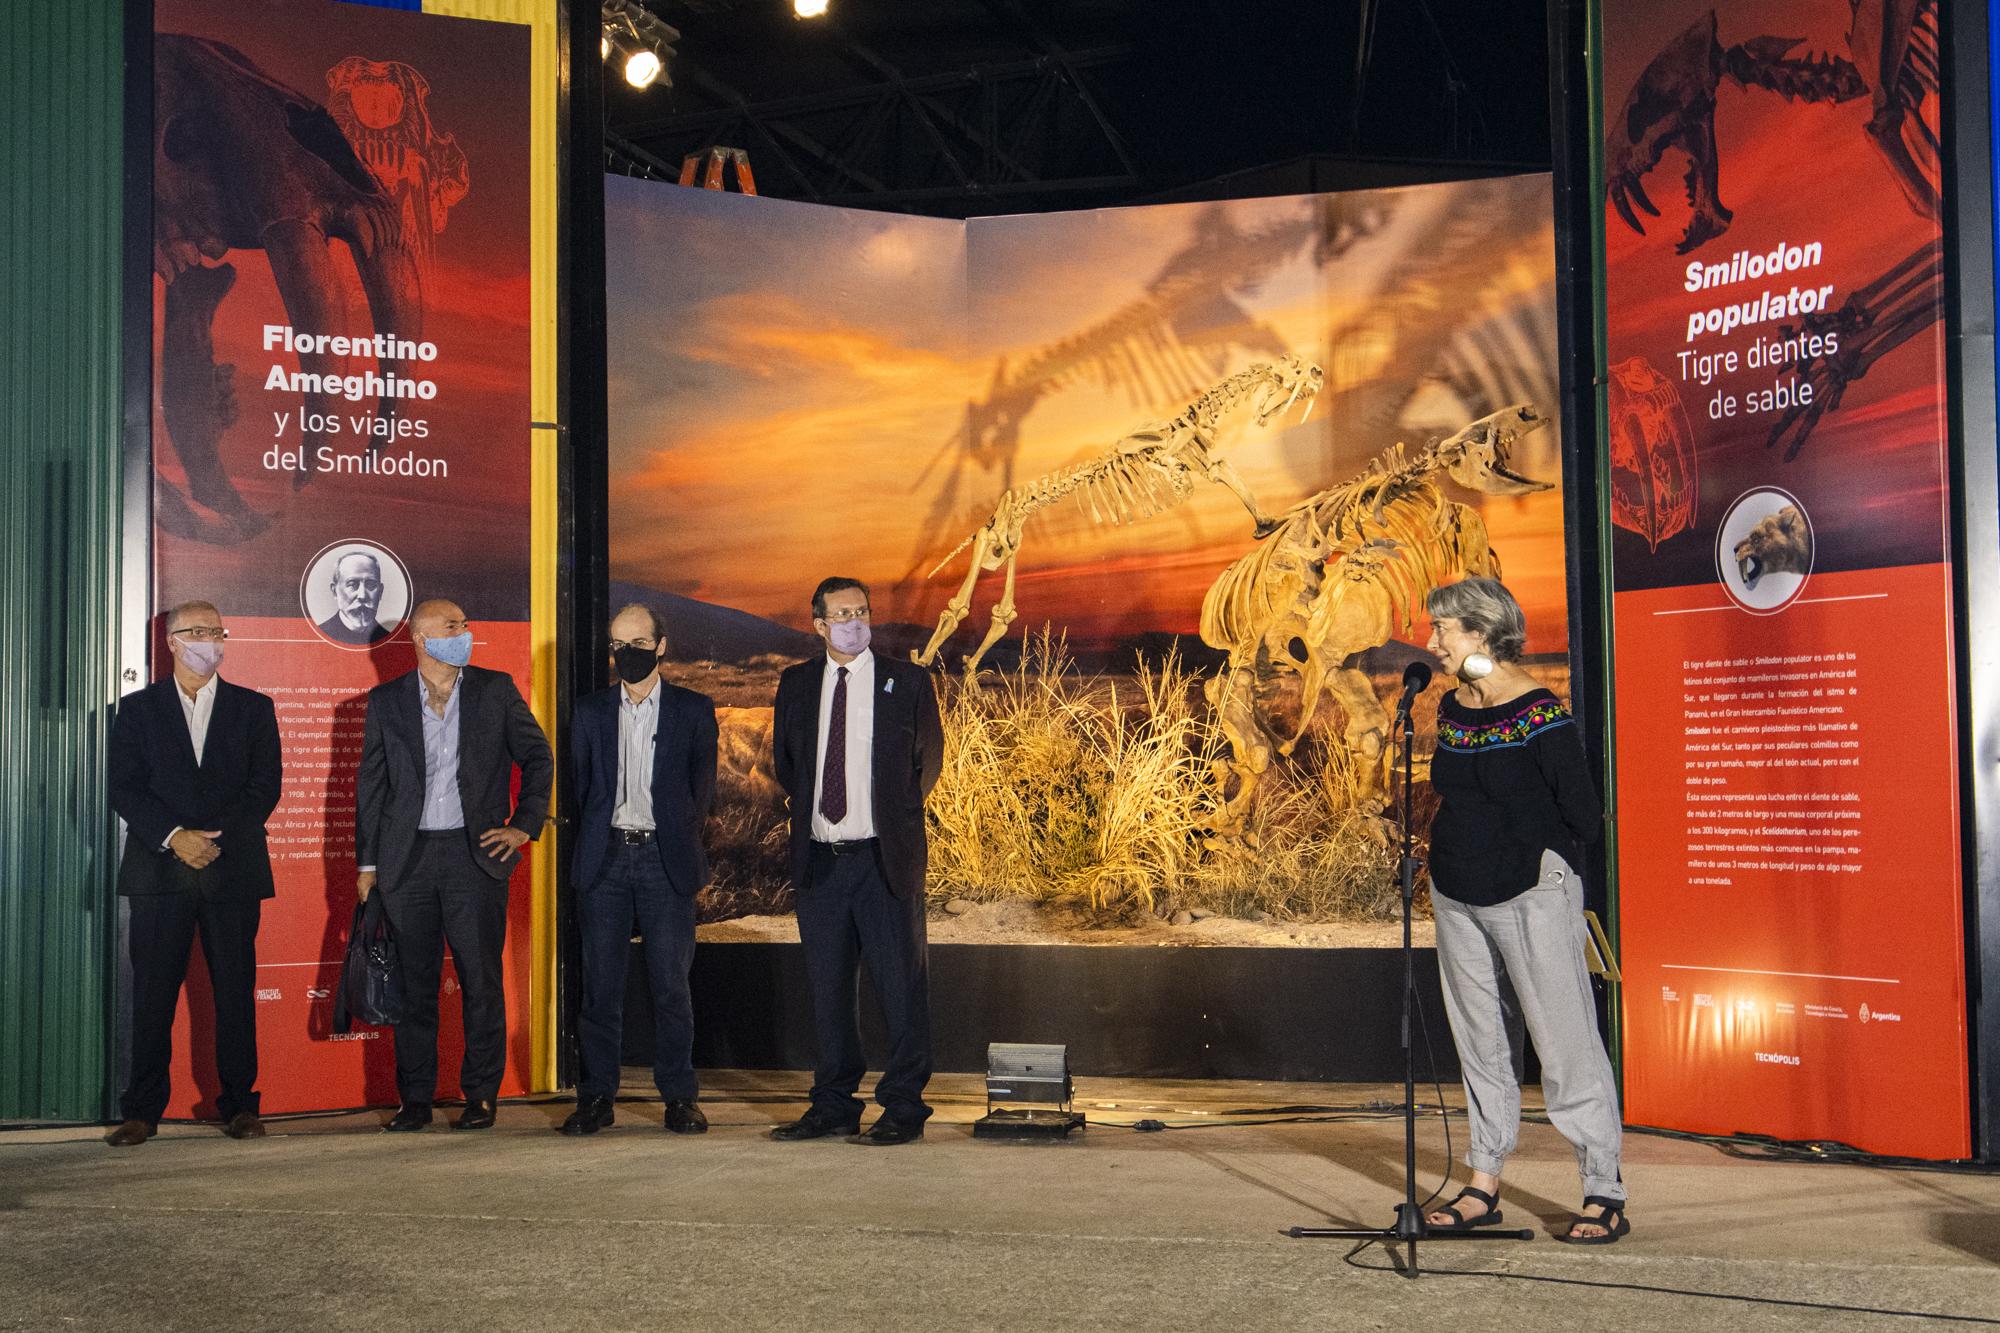 Participación del Museo en la inauguración en el espacio de Paleontología del predio de Tecnópolis – La Noche de las Ideas 2021